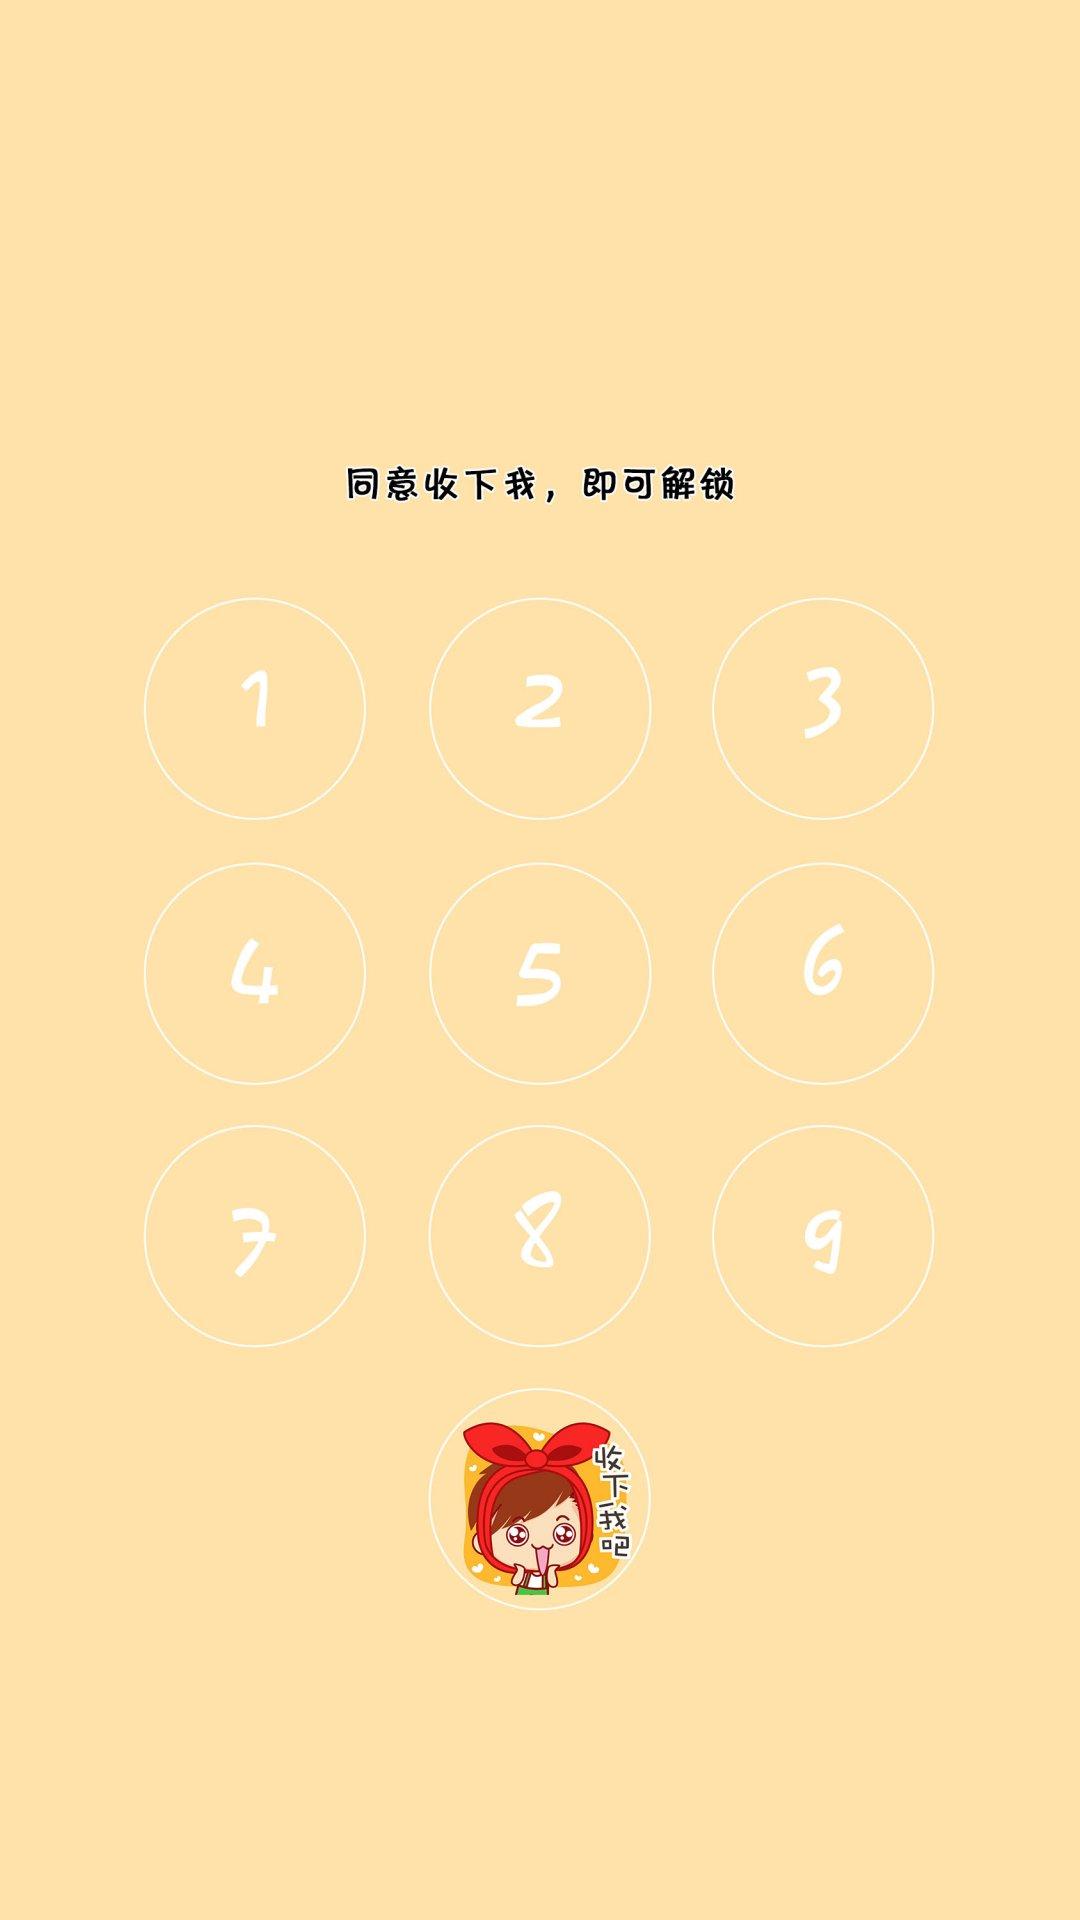 创意密码锁屏解锁壁纸_电脑主题网